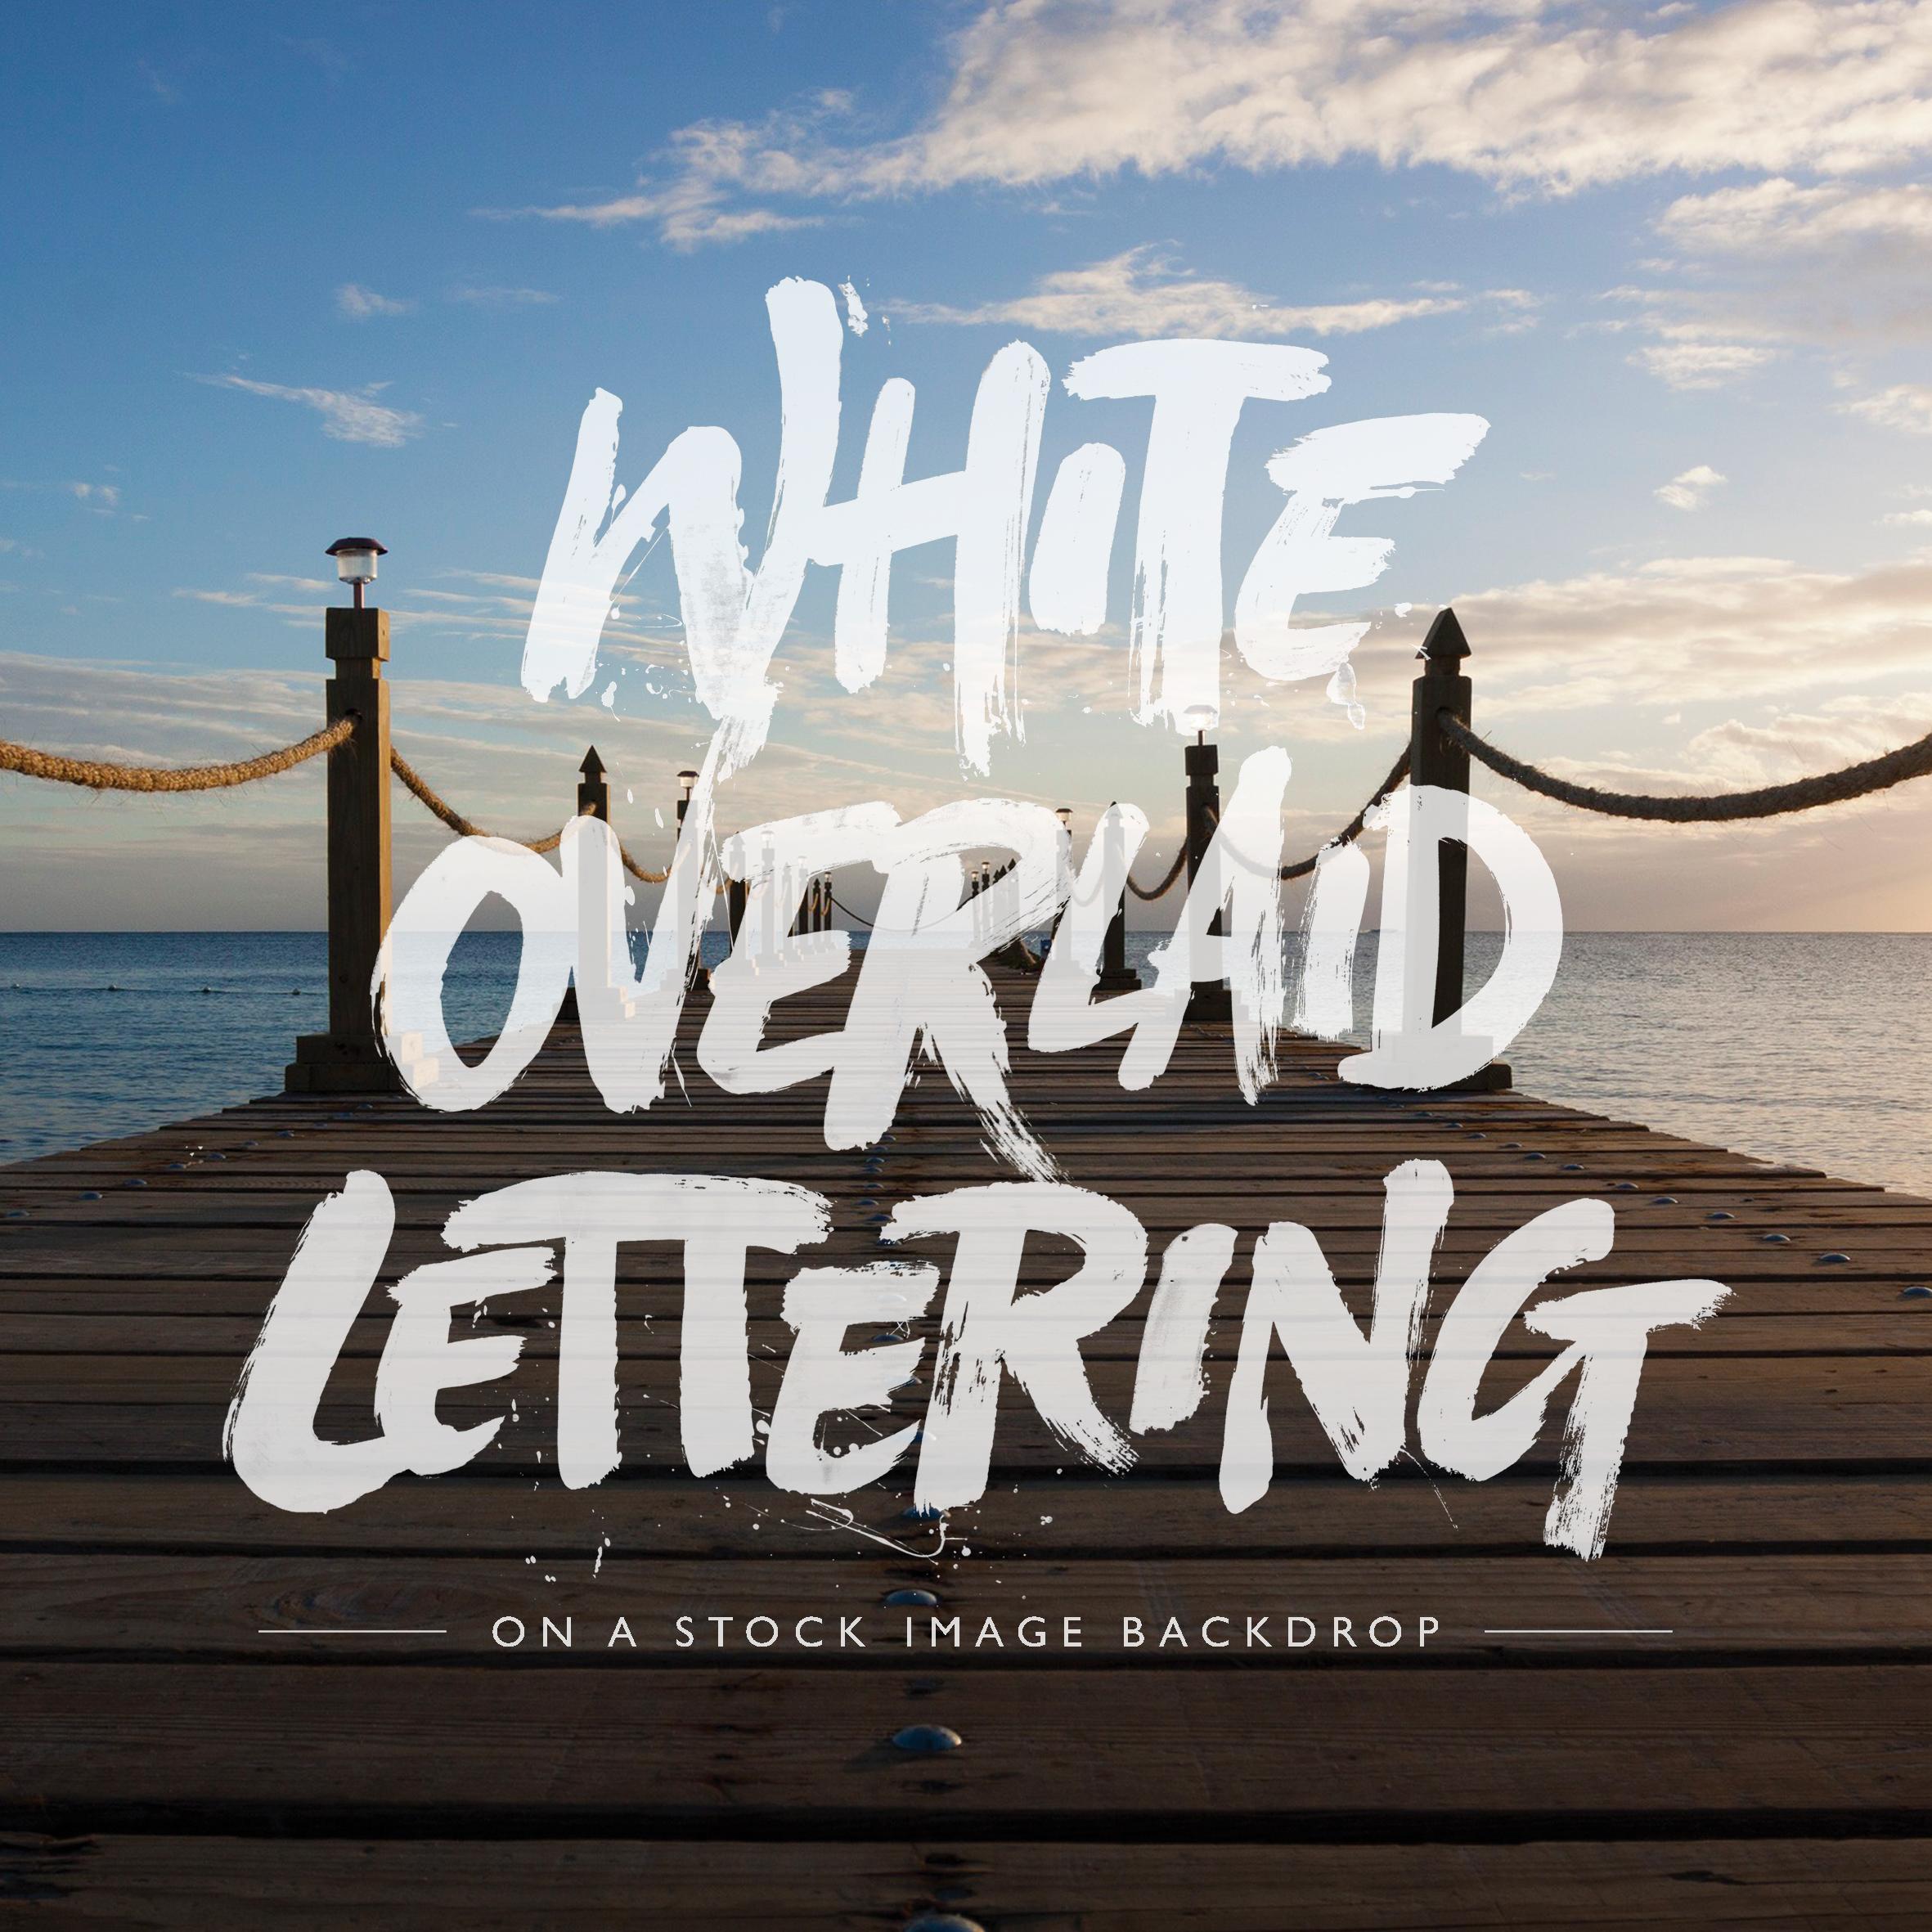 WHITEOVERLAYEDLETTERING2.jpg